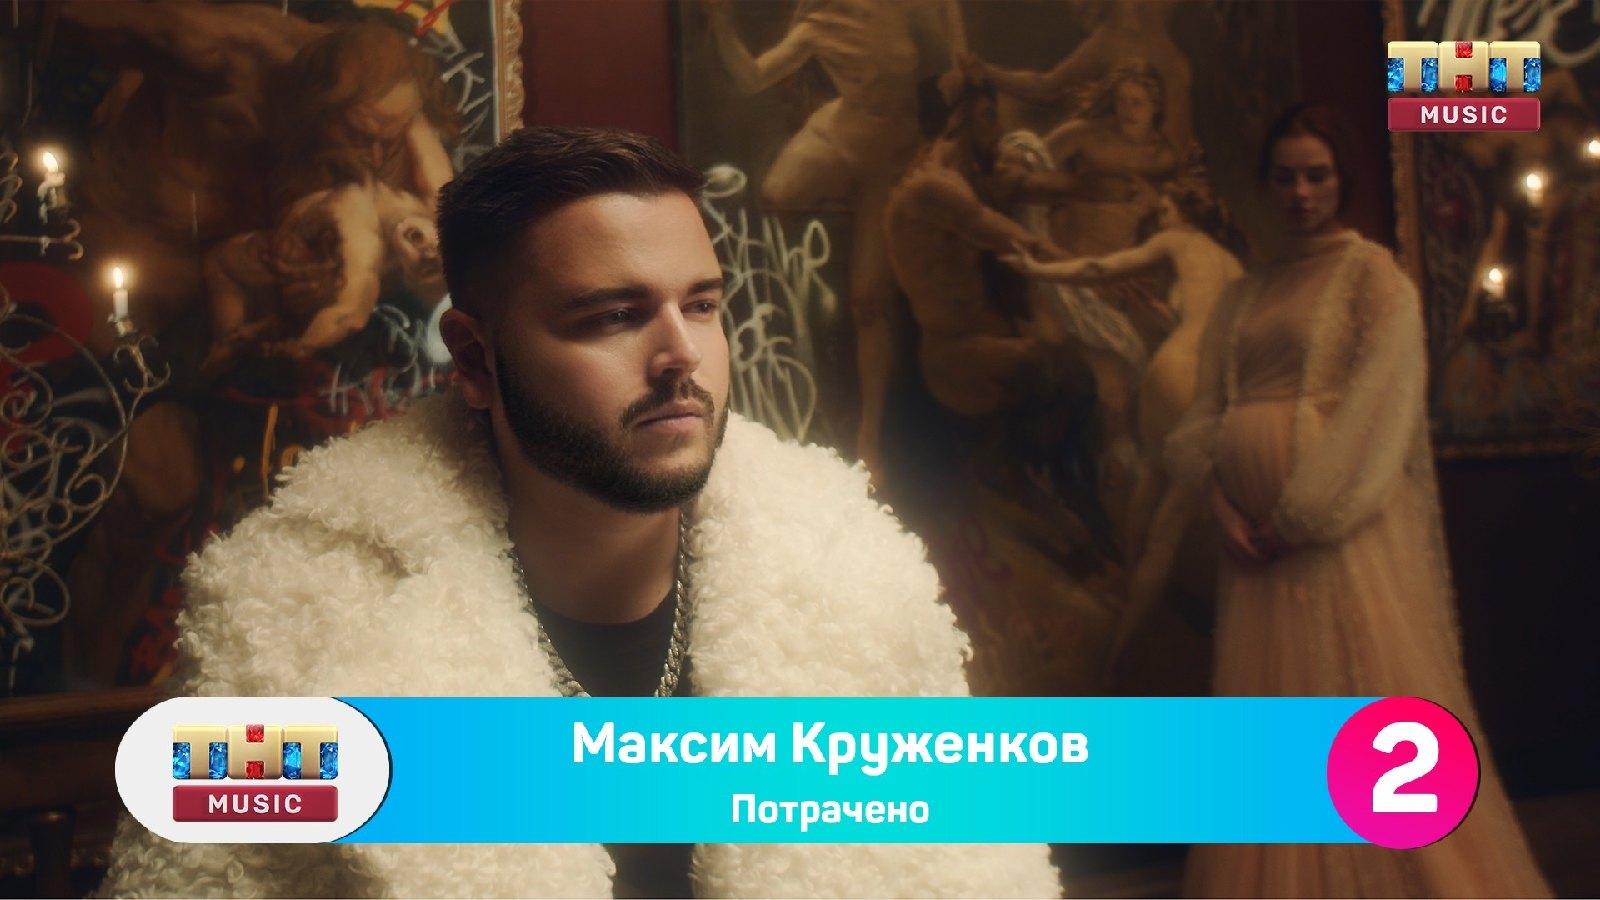 Максим Круженков: биография, личная жизнь, песни